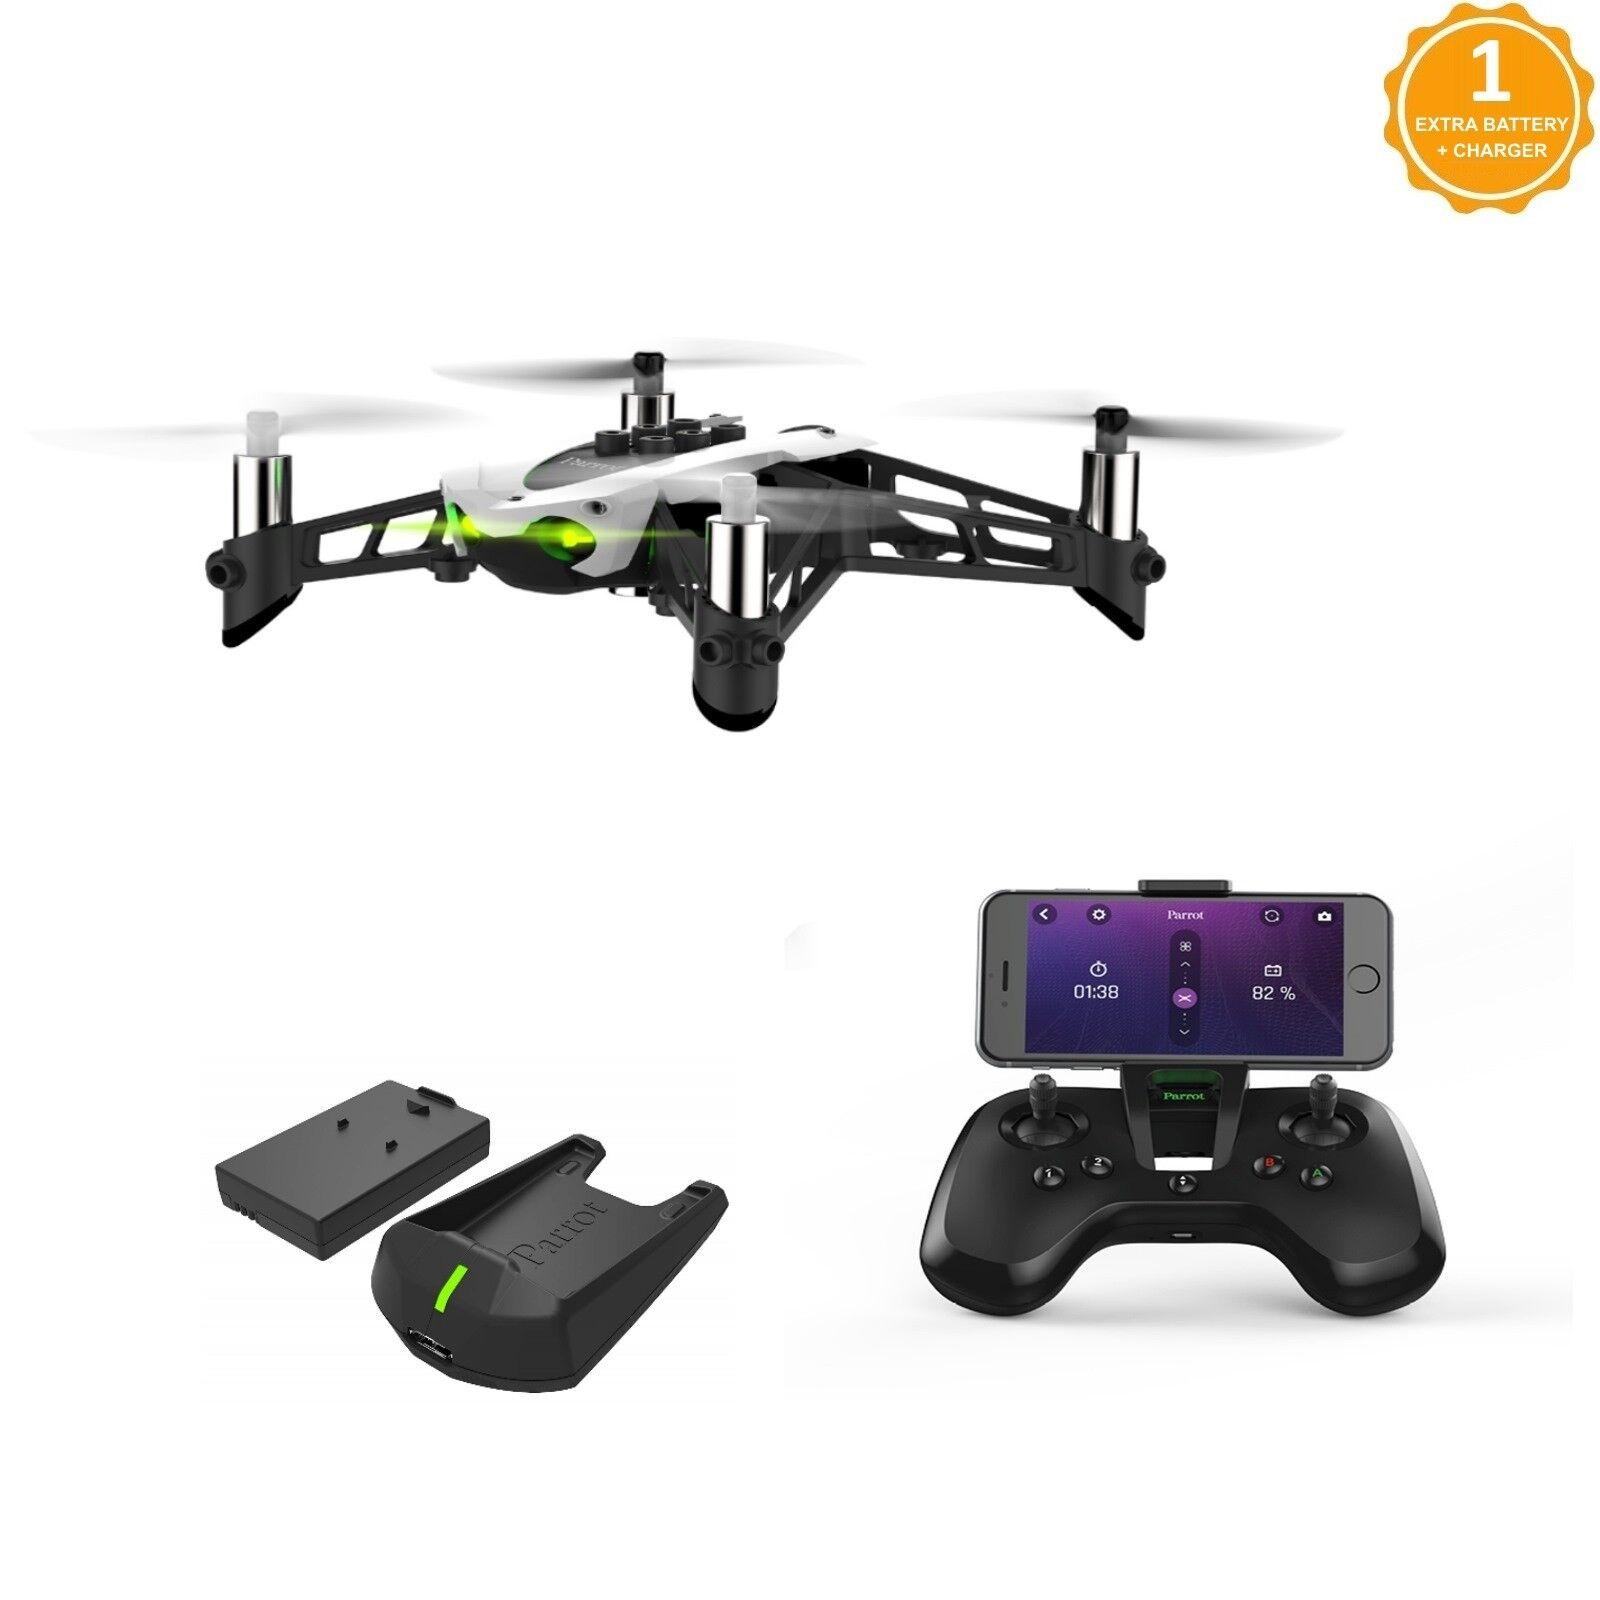 Parrojo Mambo Fly con FlyPad y batería extra gratis con cargador externo